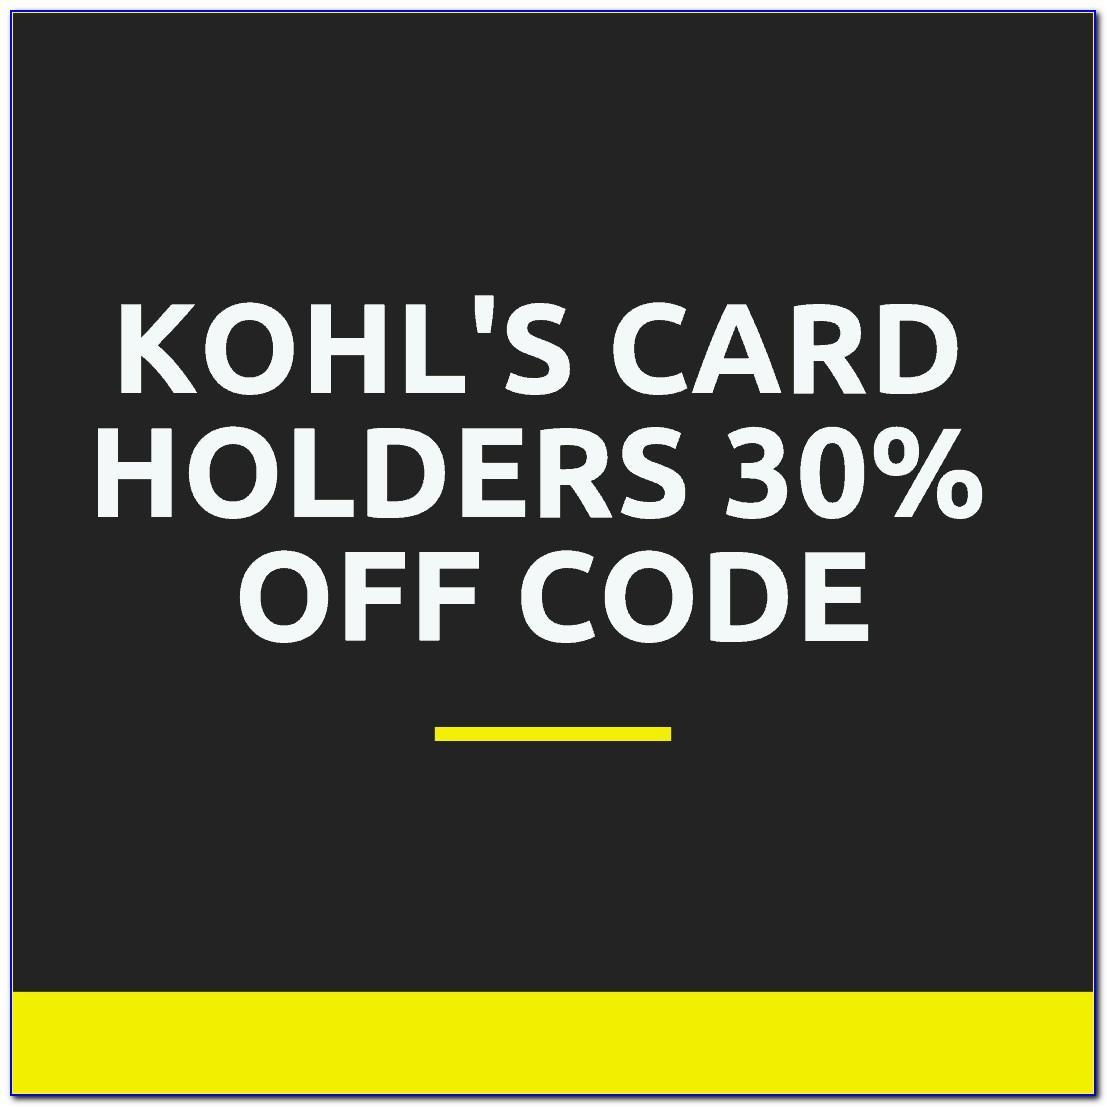 Kohls Codes For Card Holders